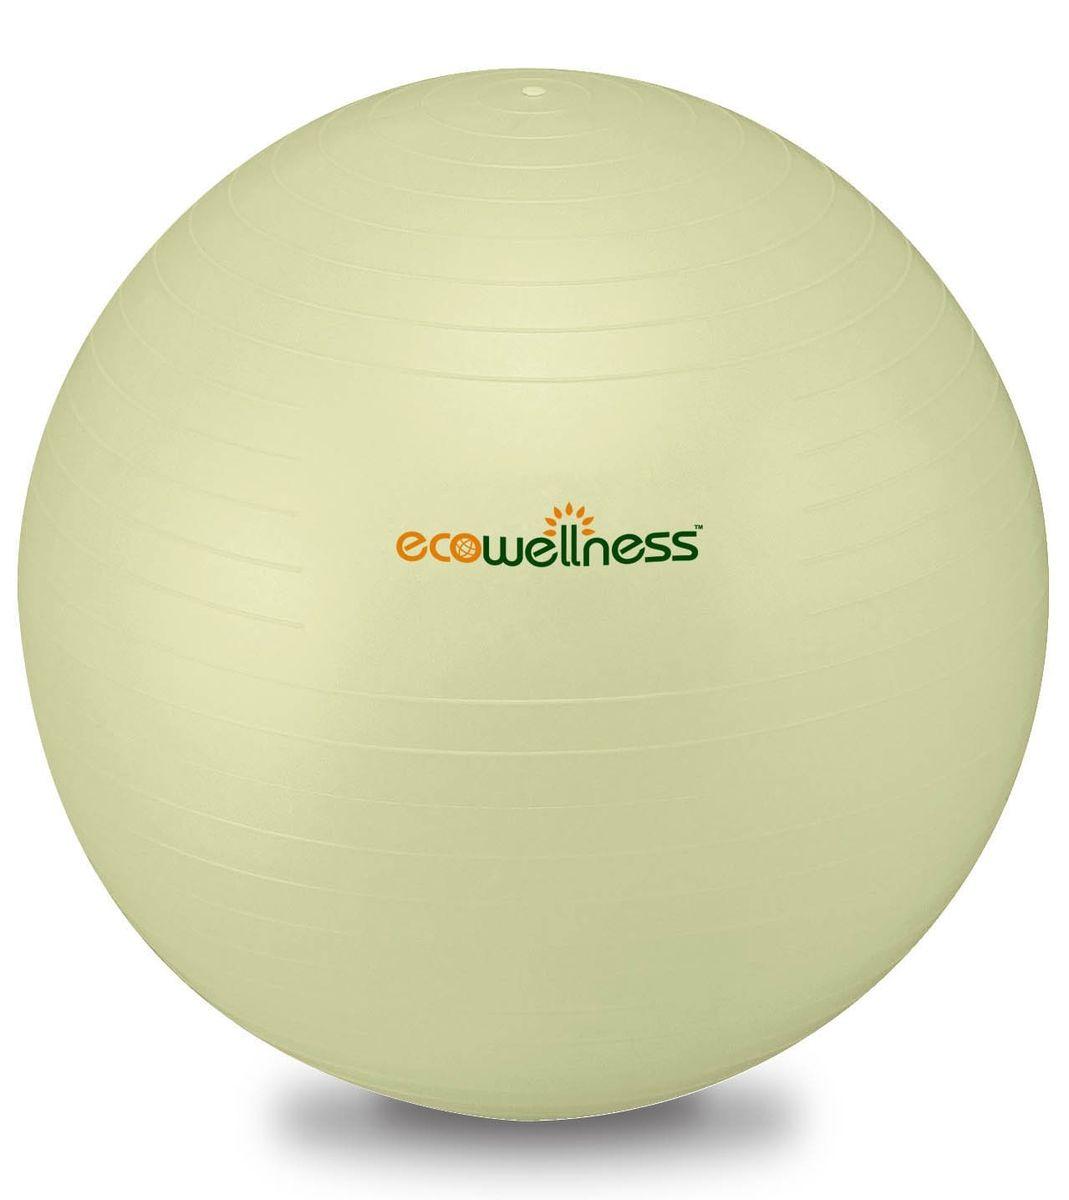 Мяч гимнастический Ecowellness 65 см, c ручным насосом, цвет: светло-зеленый. QB-001TAG3-26QB-001TAG3-26Материал: прочный экологичный ПВХ. Система Анти-Взрыв. Идеально подходит для занятий аэробикой и фитнесом, а также для укрепления мышц верхней и нижней части тела. Диаметр: 65 см. Цвет: светло-зеленый. Привлекательная индивидуальная упаковка. В комплекте идет ручной насос.Отличный подарок для любителей фитнеса.